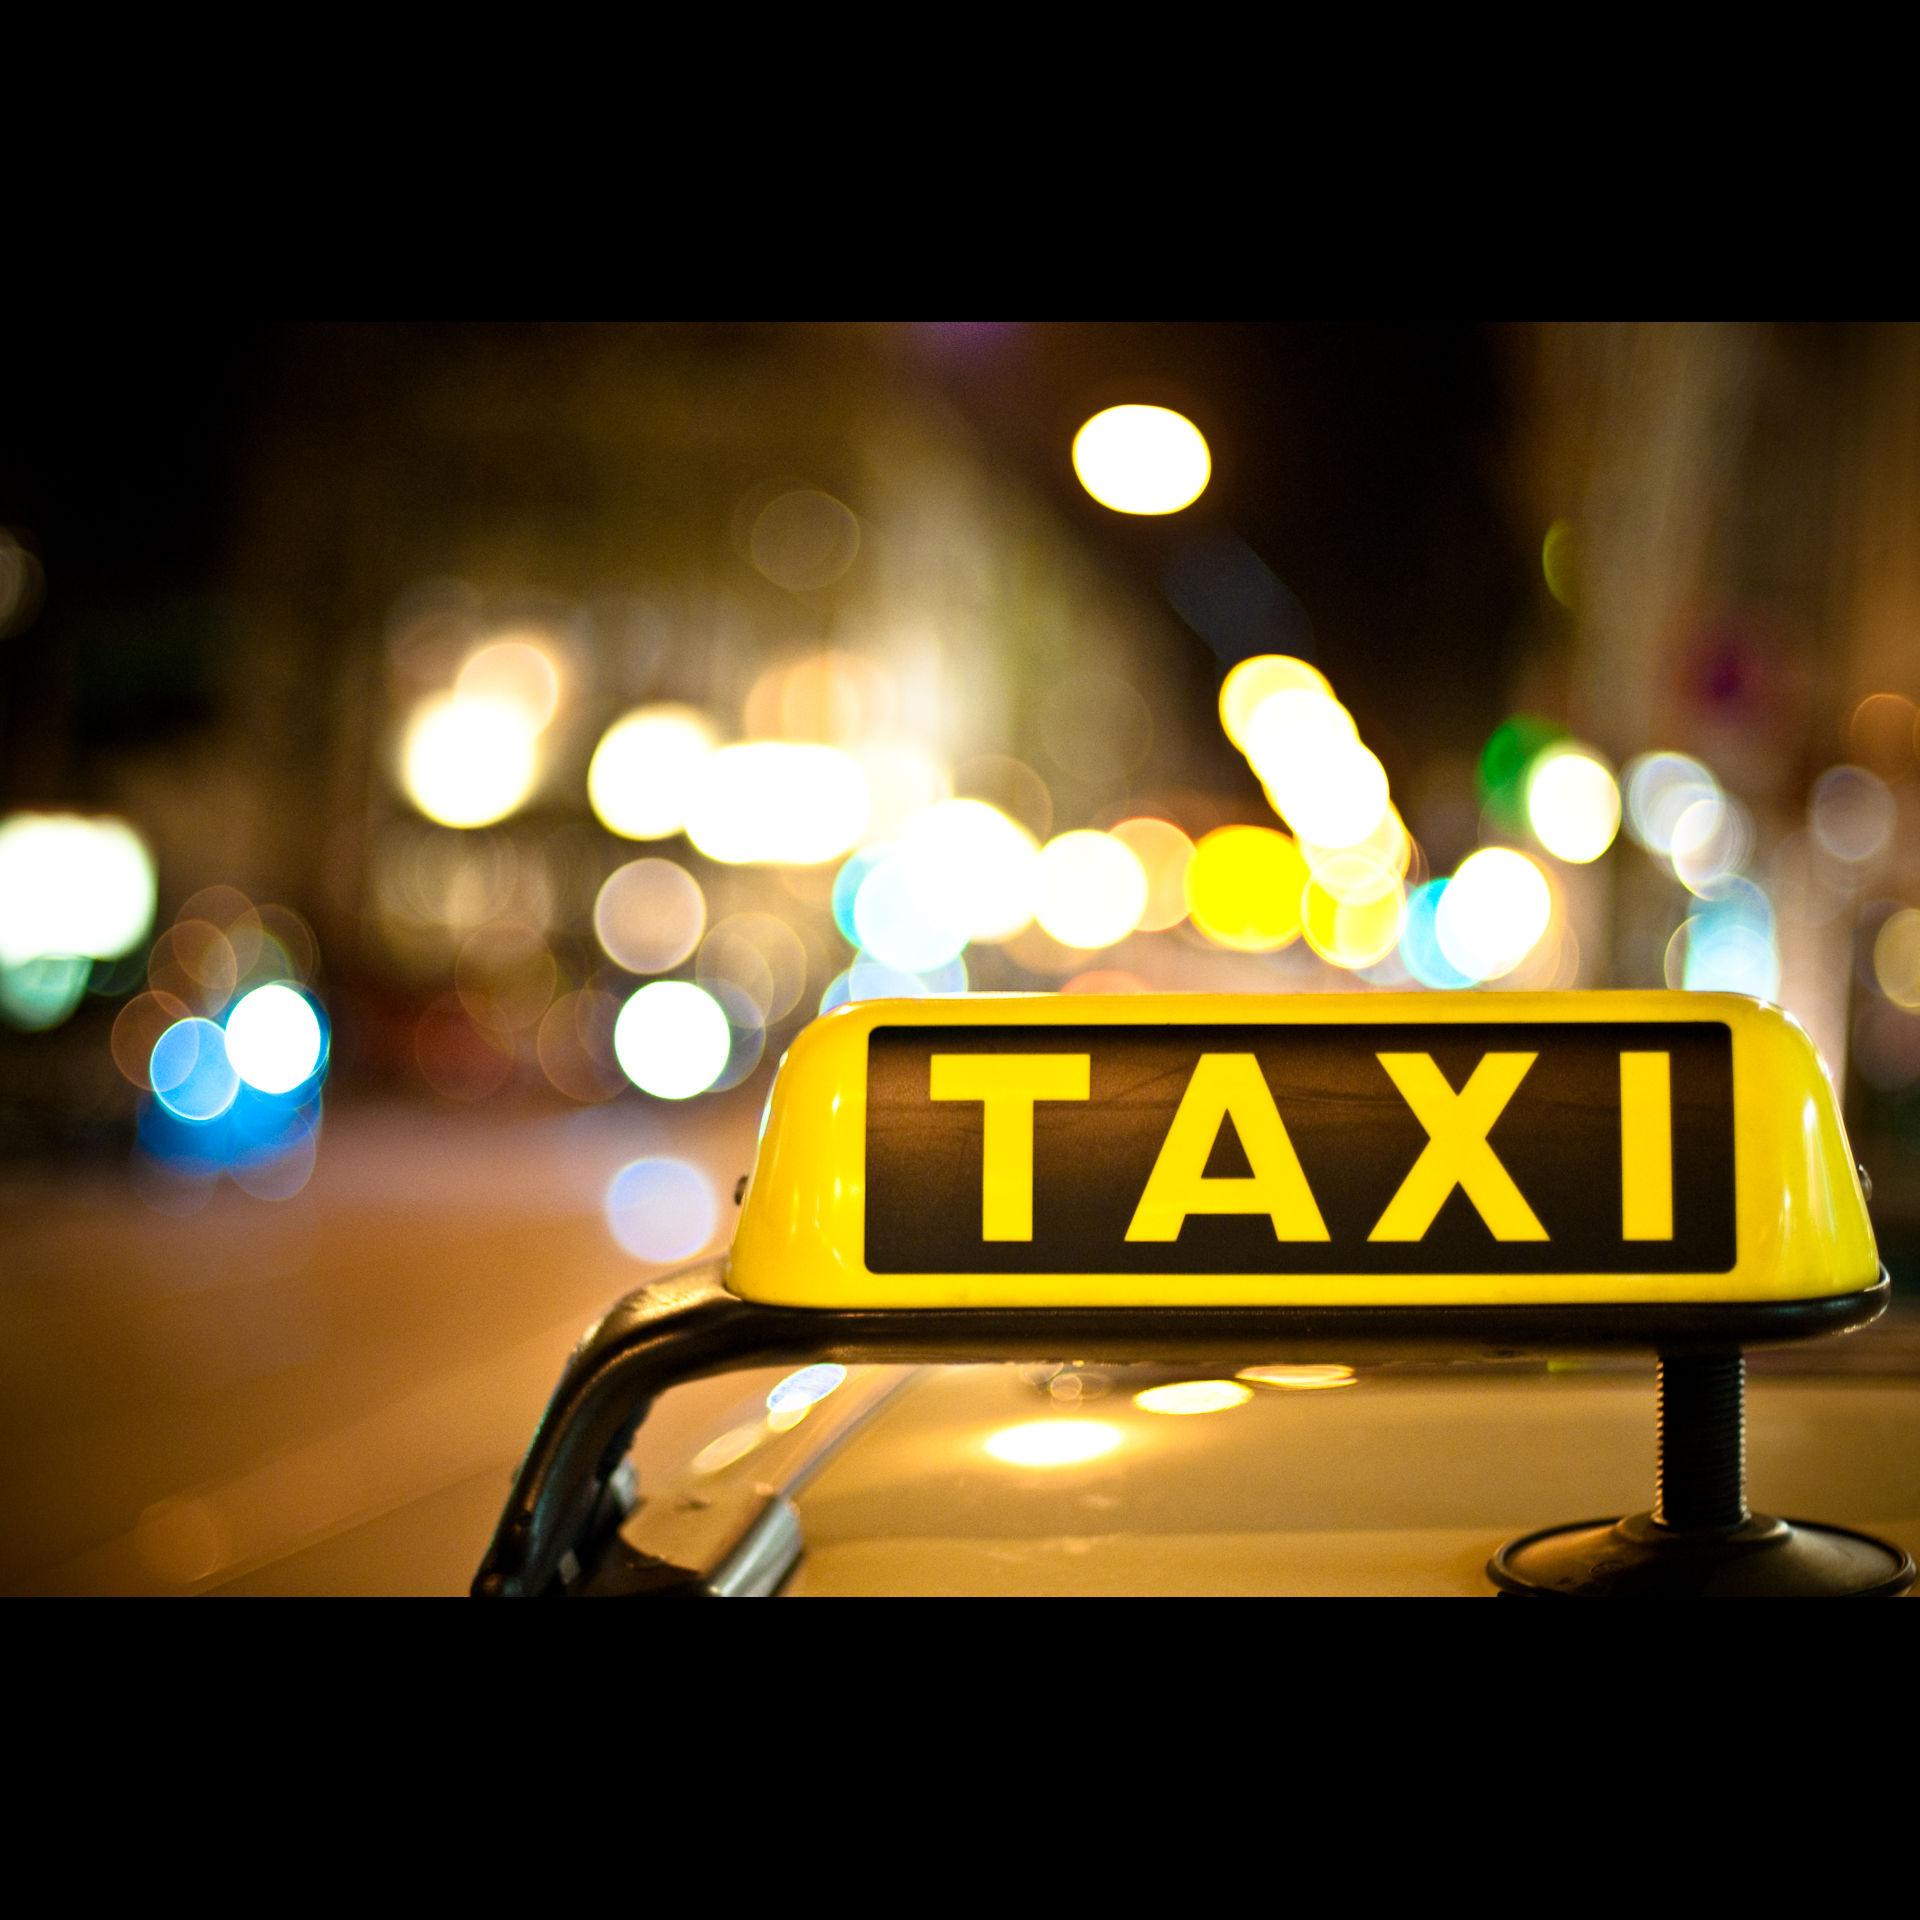 Google te lleva de compras en Taxi de compras